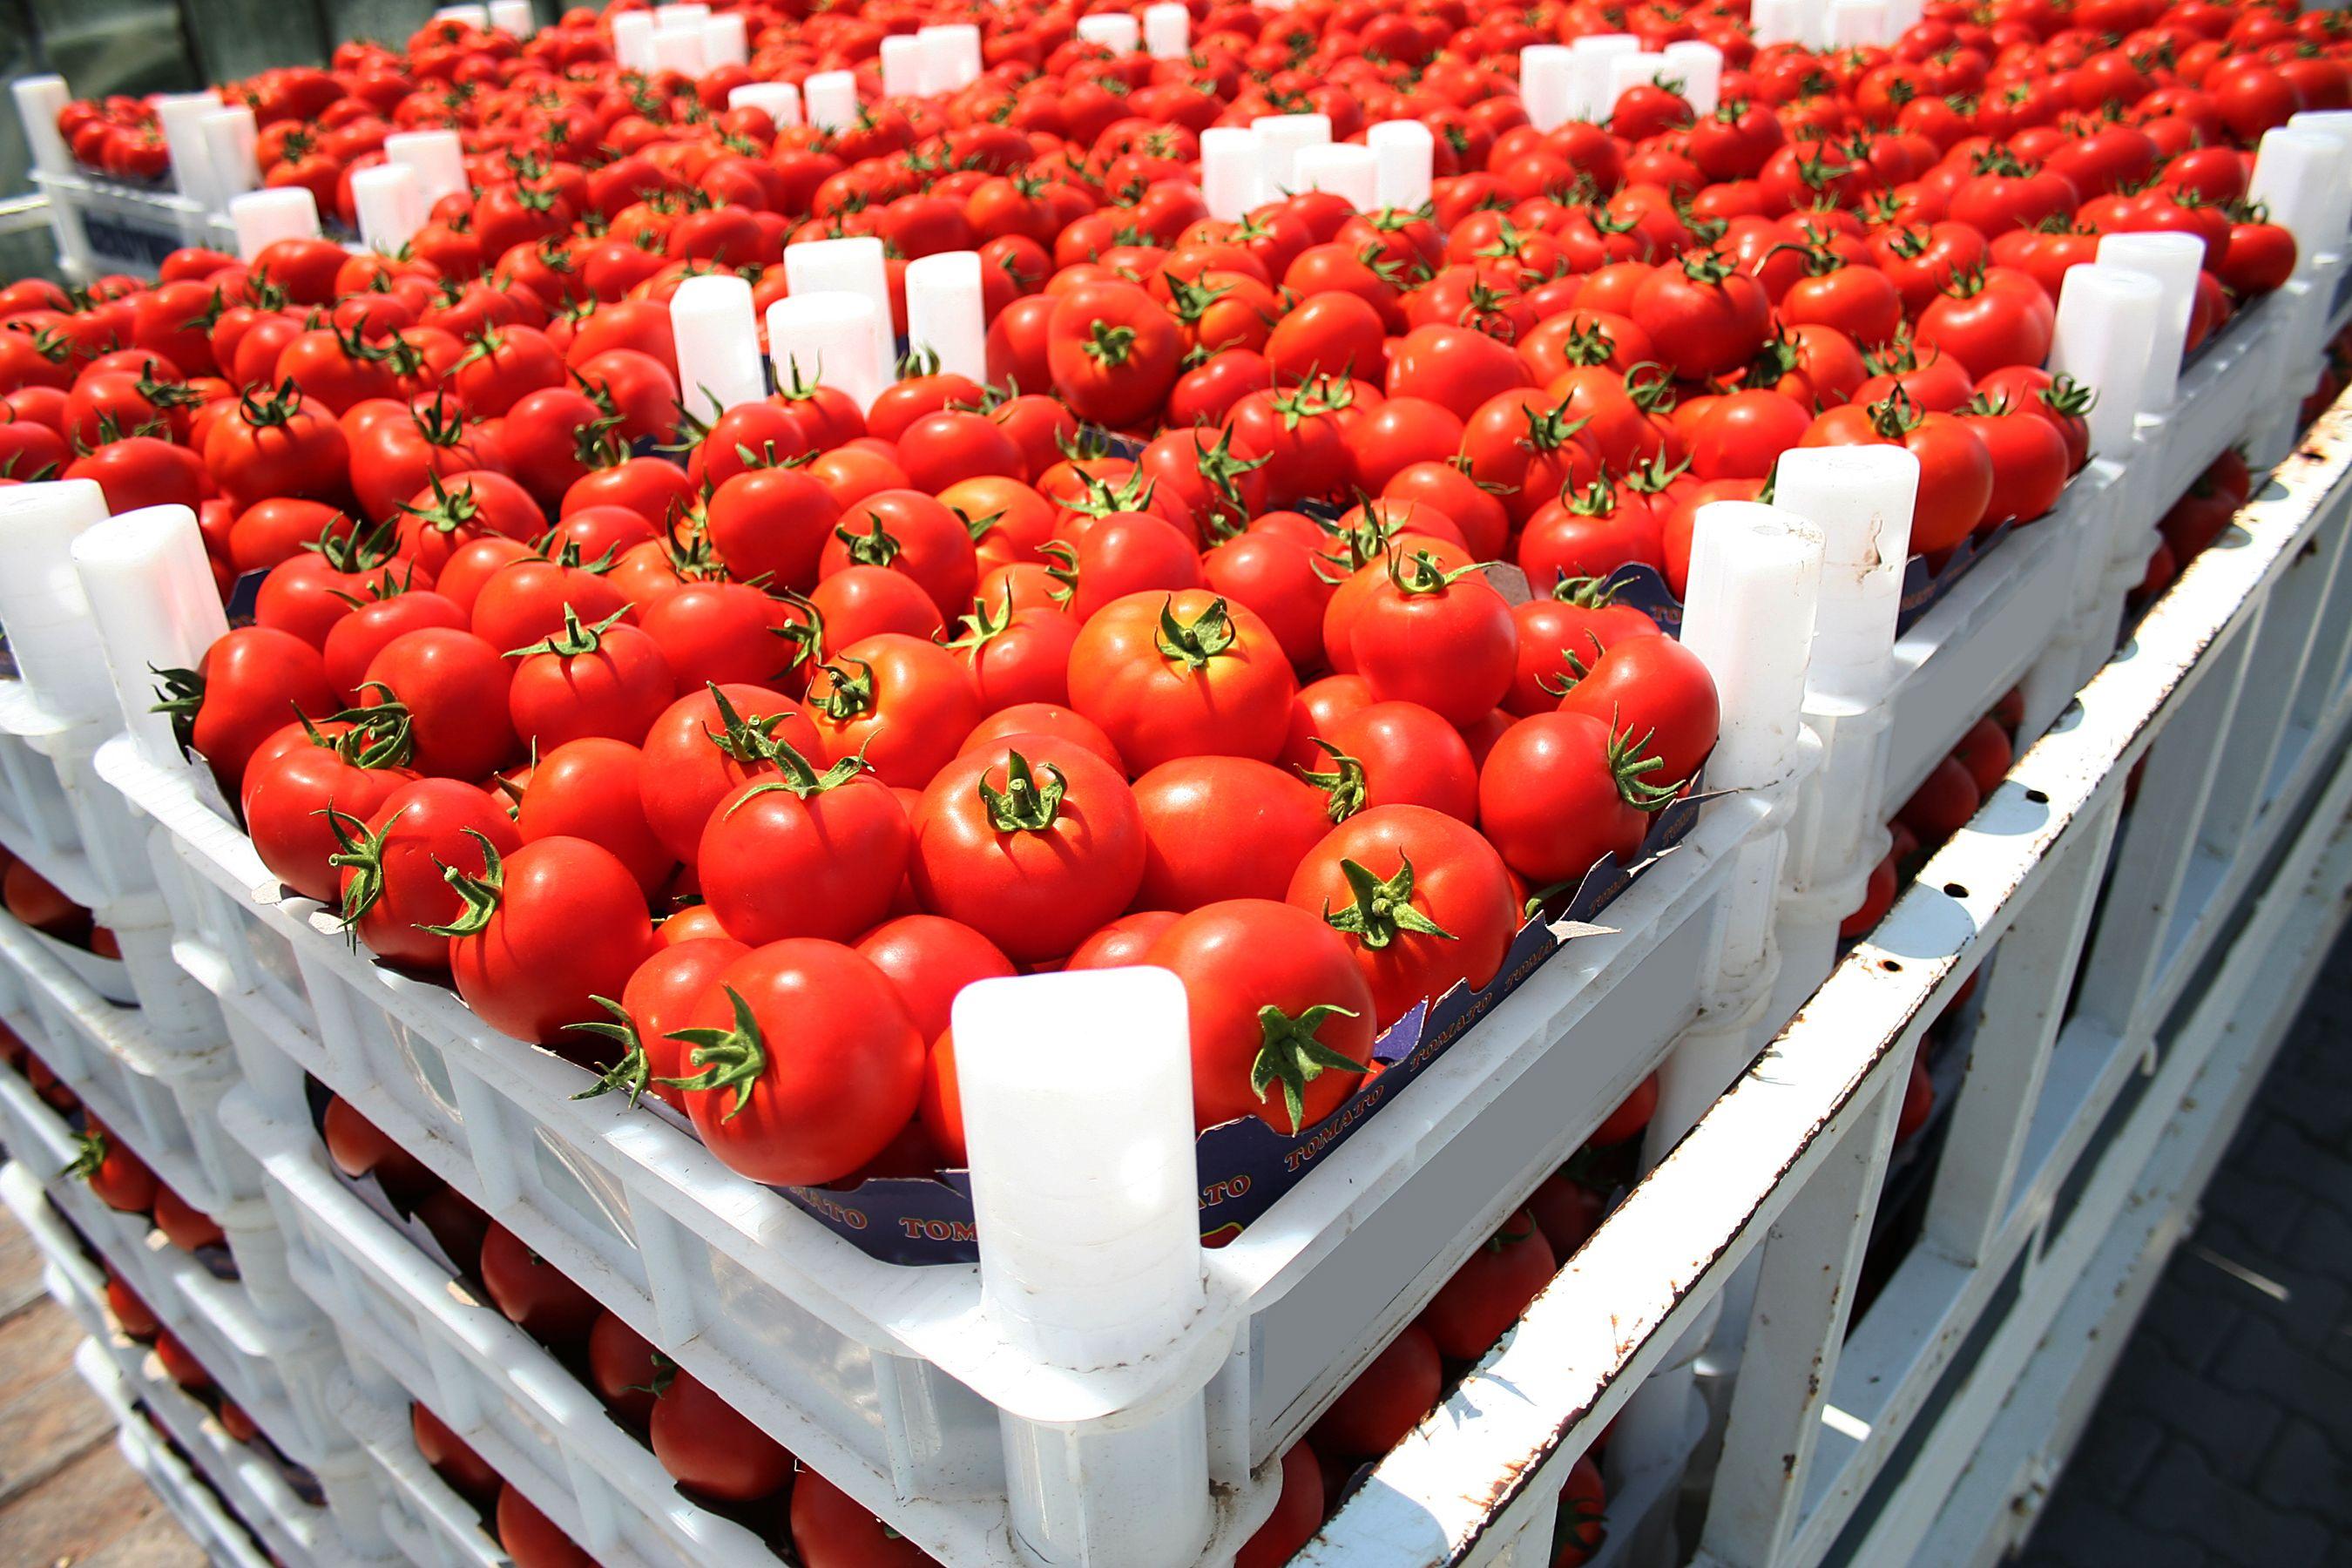 Los tomates más vistosos